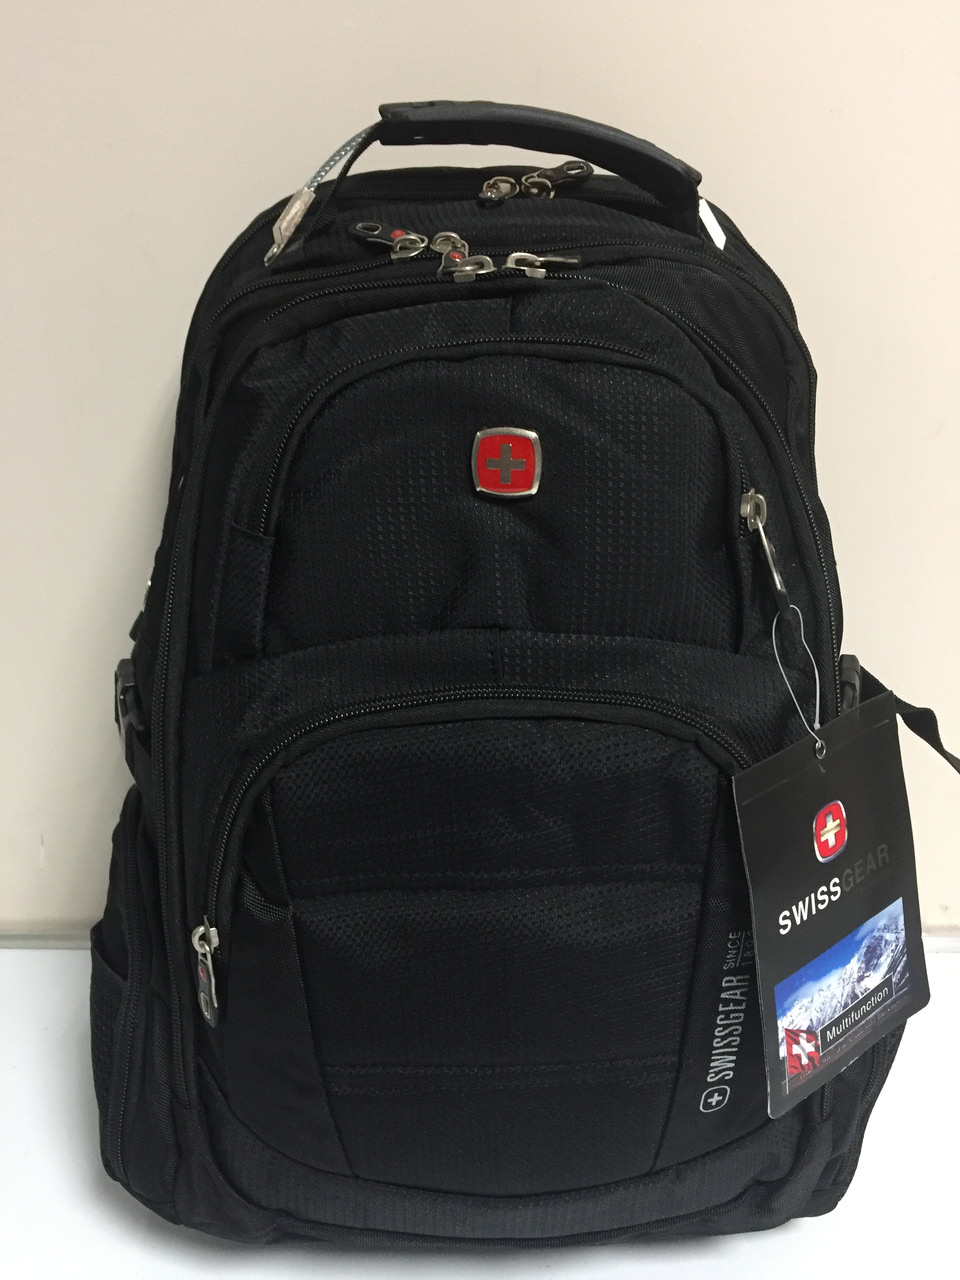 swissgear-backpack-9372